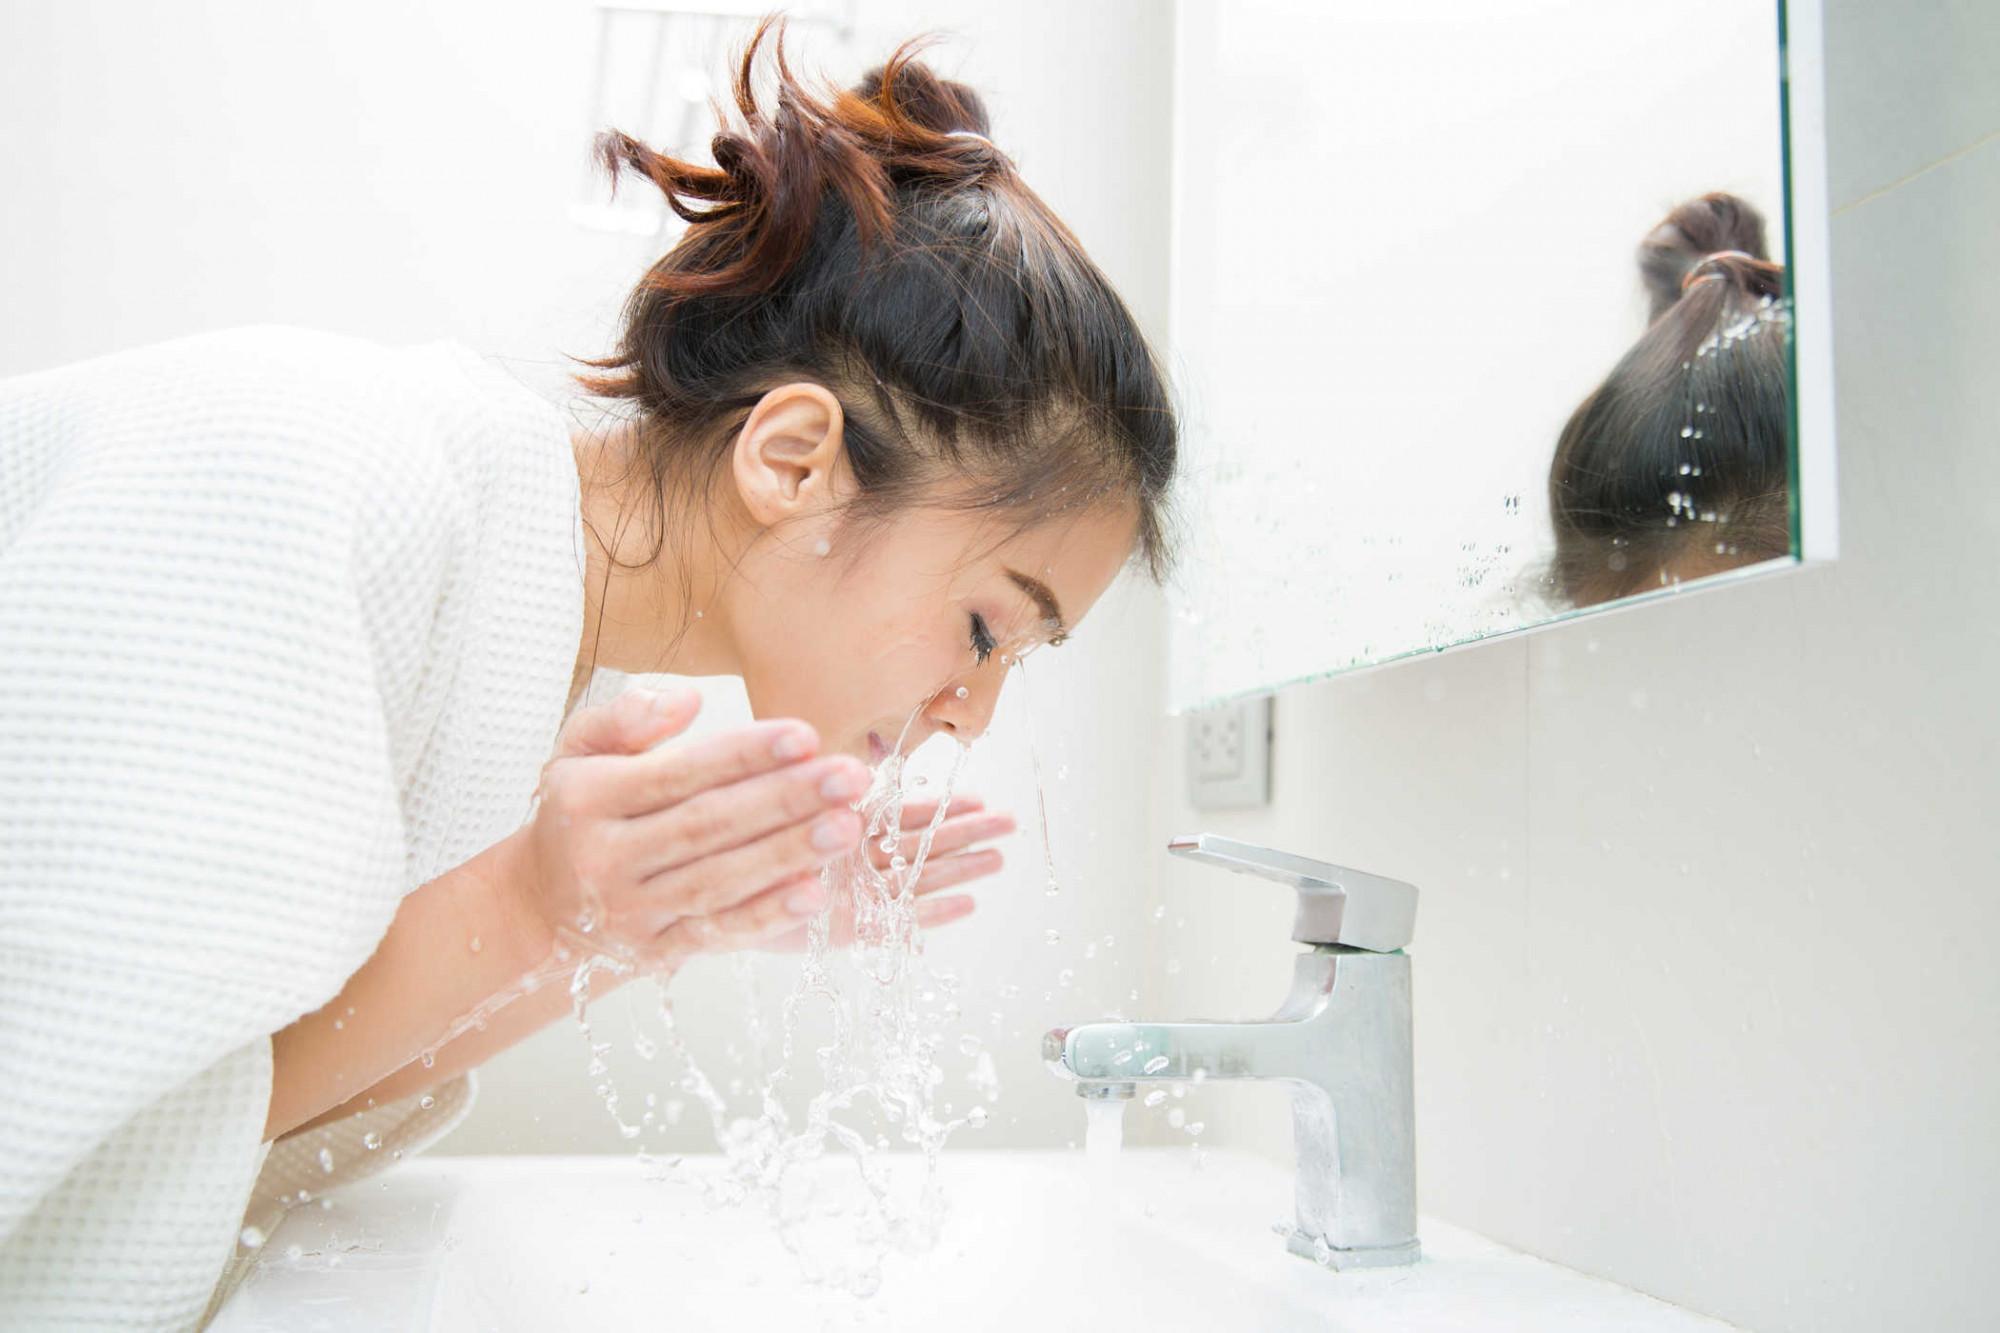 Giữ da sạch không có nghĩa là rửa mặt liên tục mỗi ngày